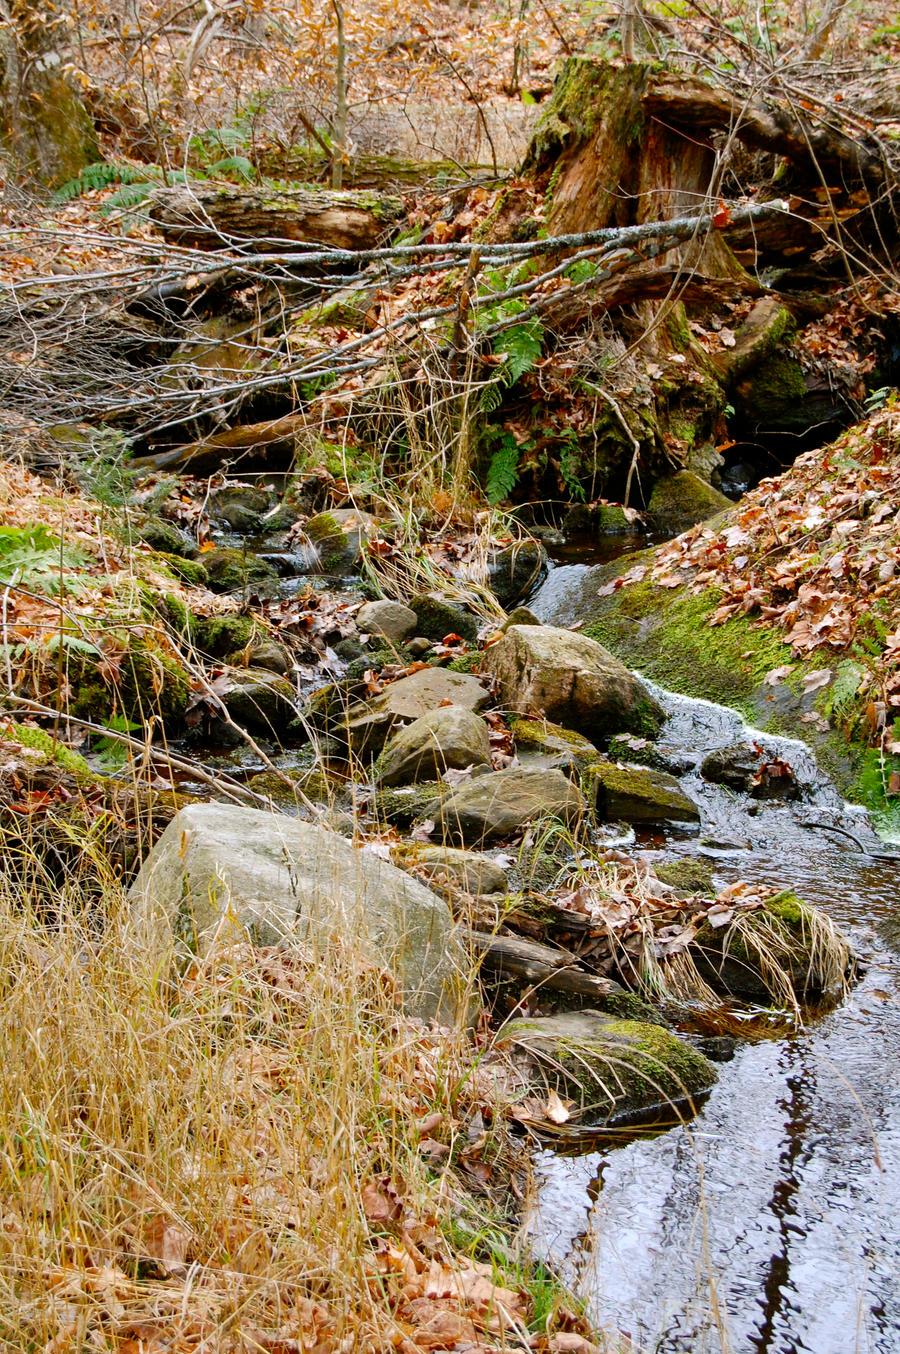 Creek by odhinnsrunes